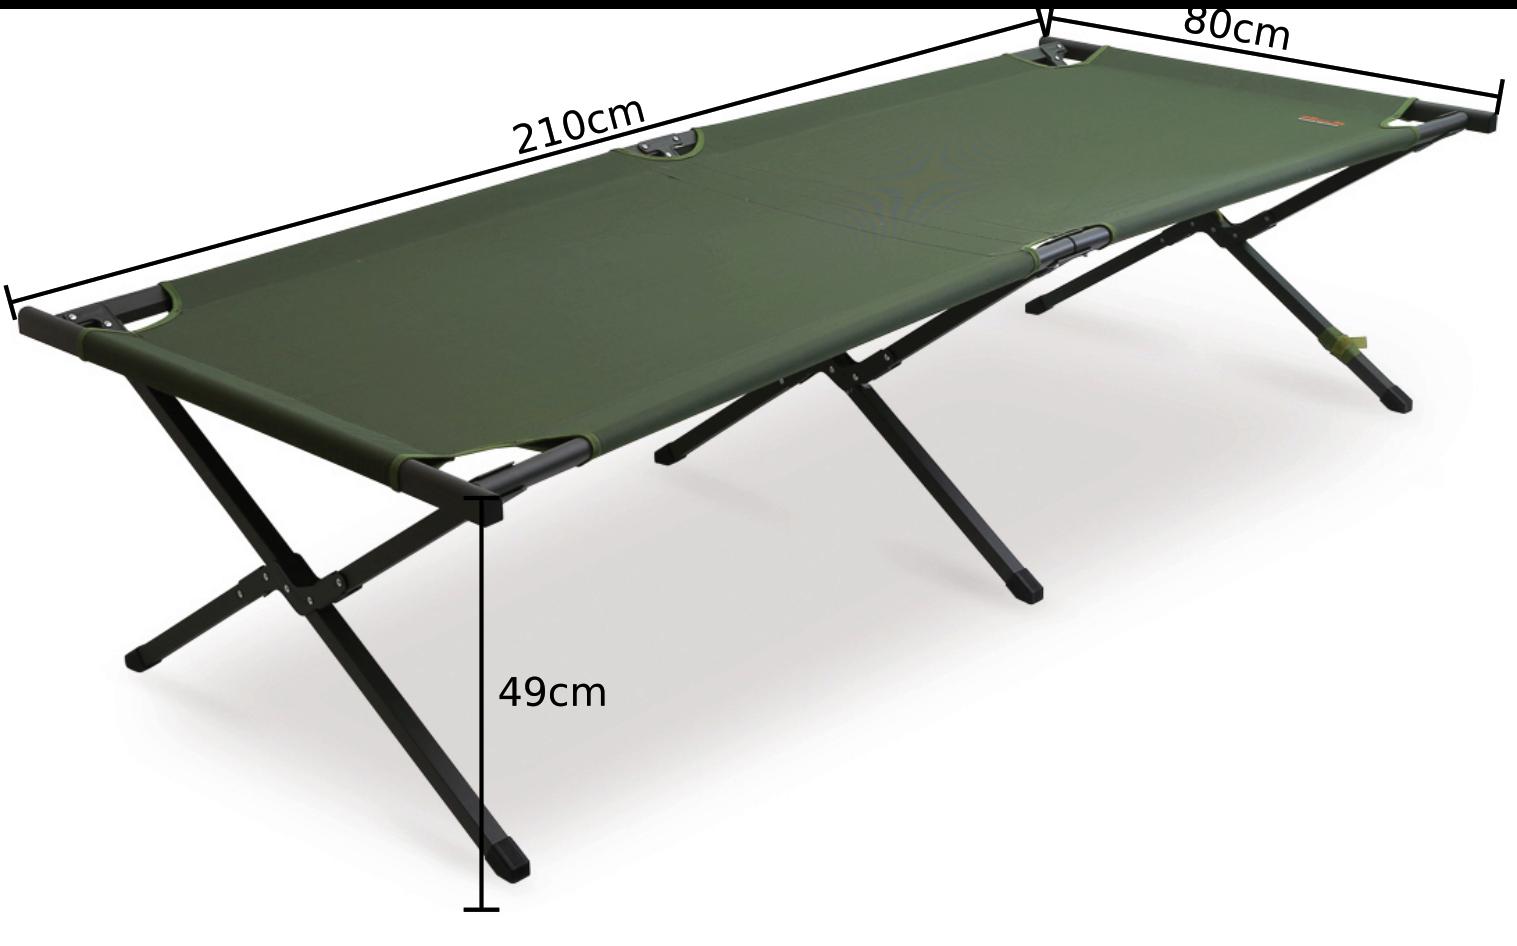 Kempingová postel Bed - rozměry